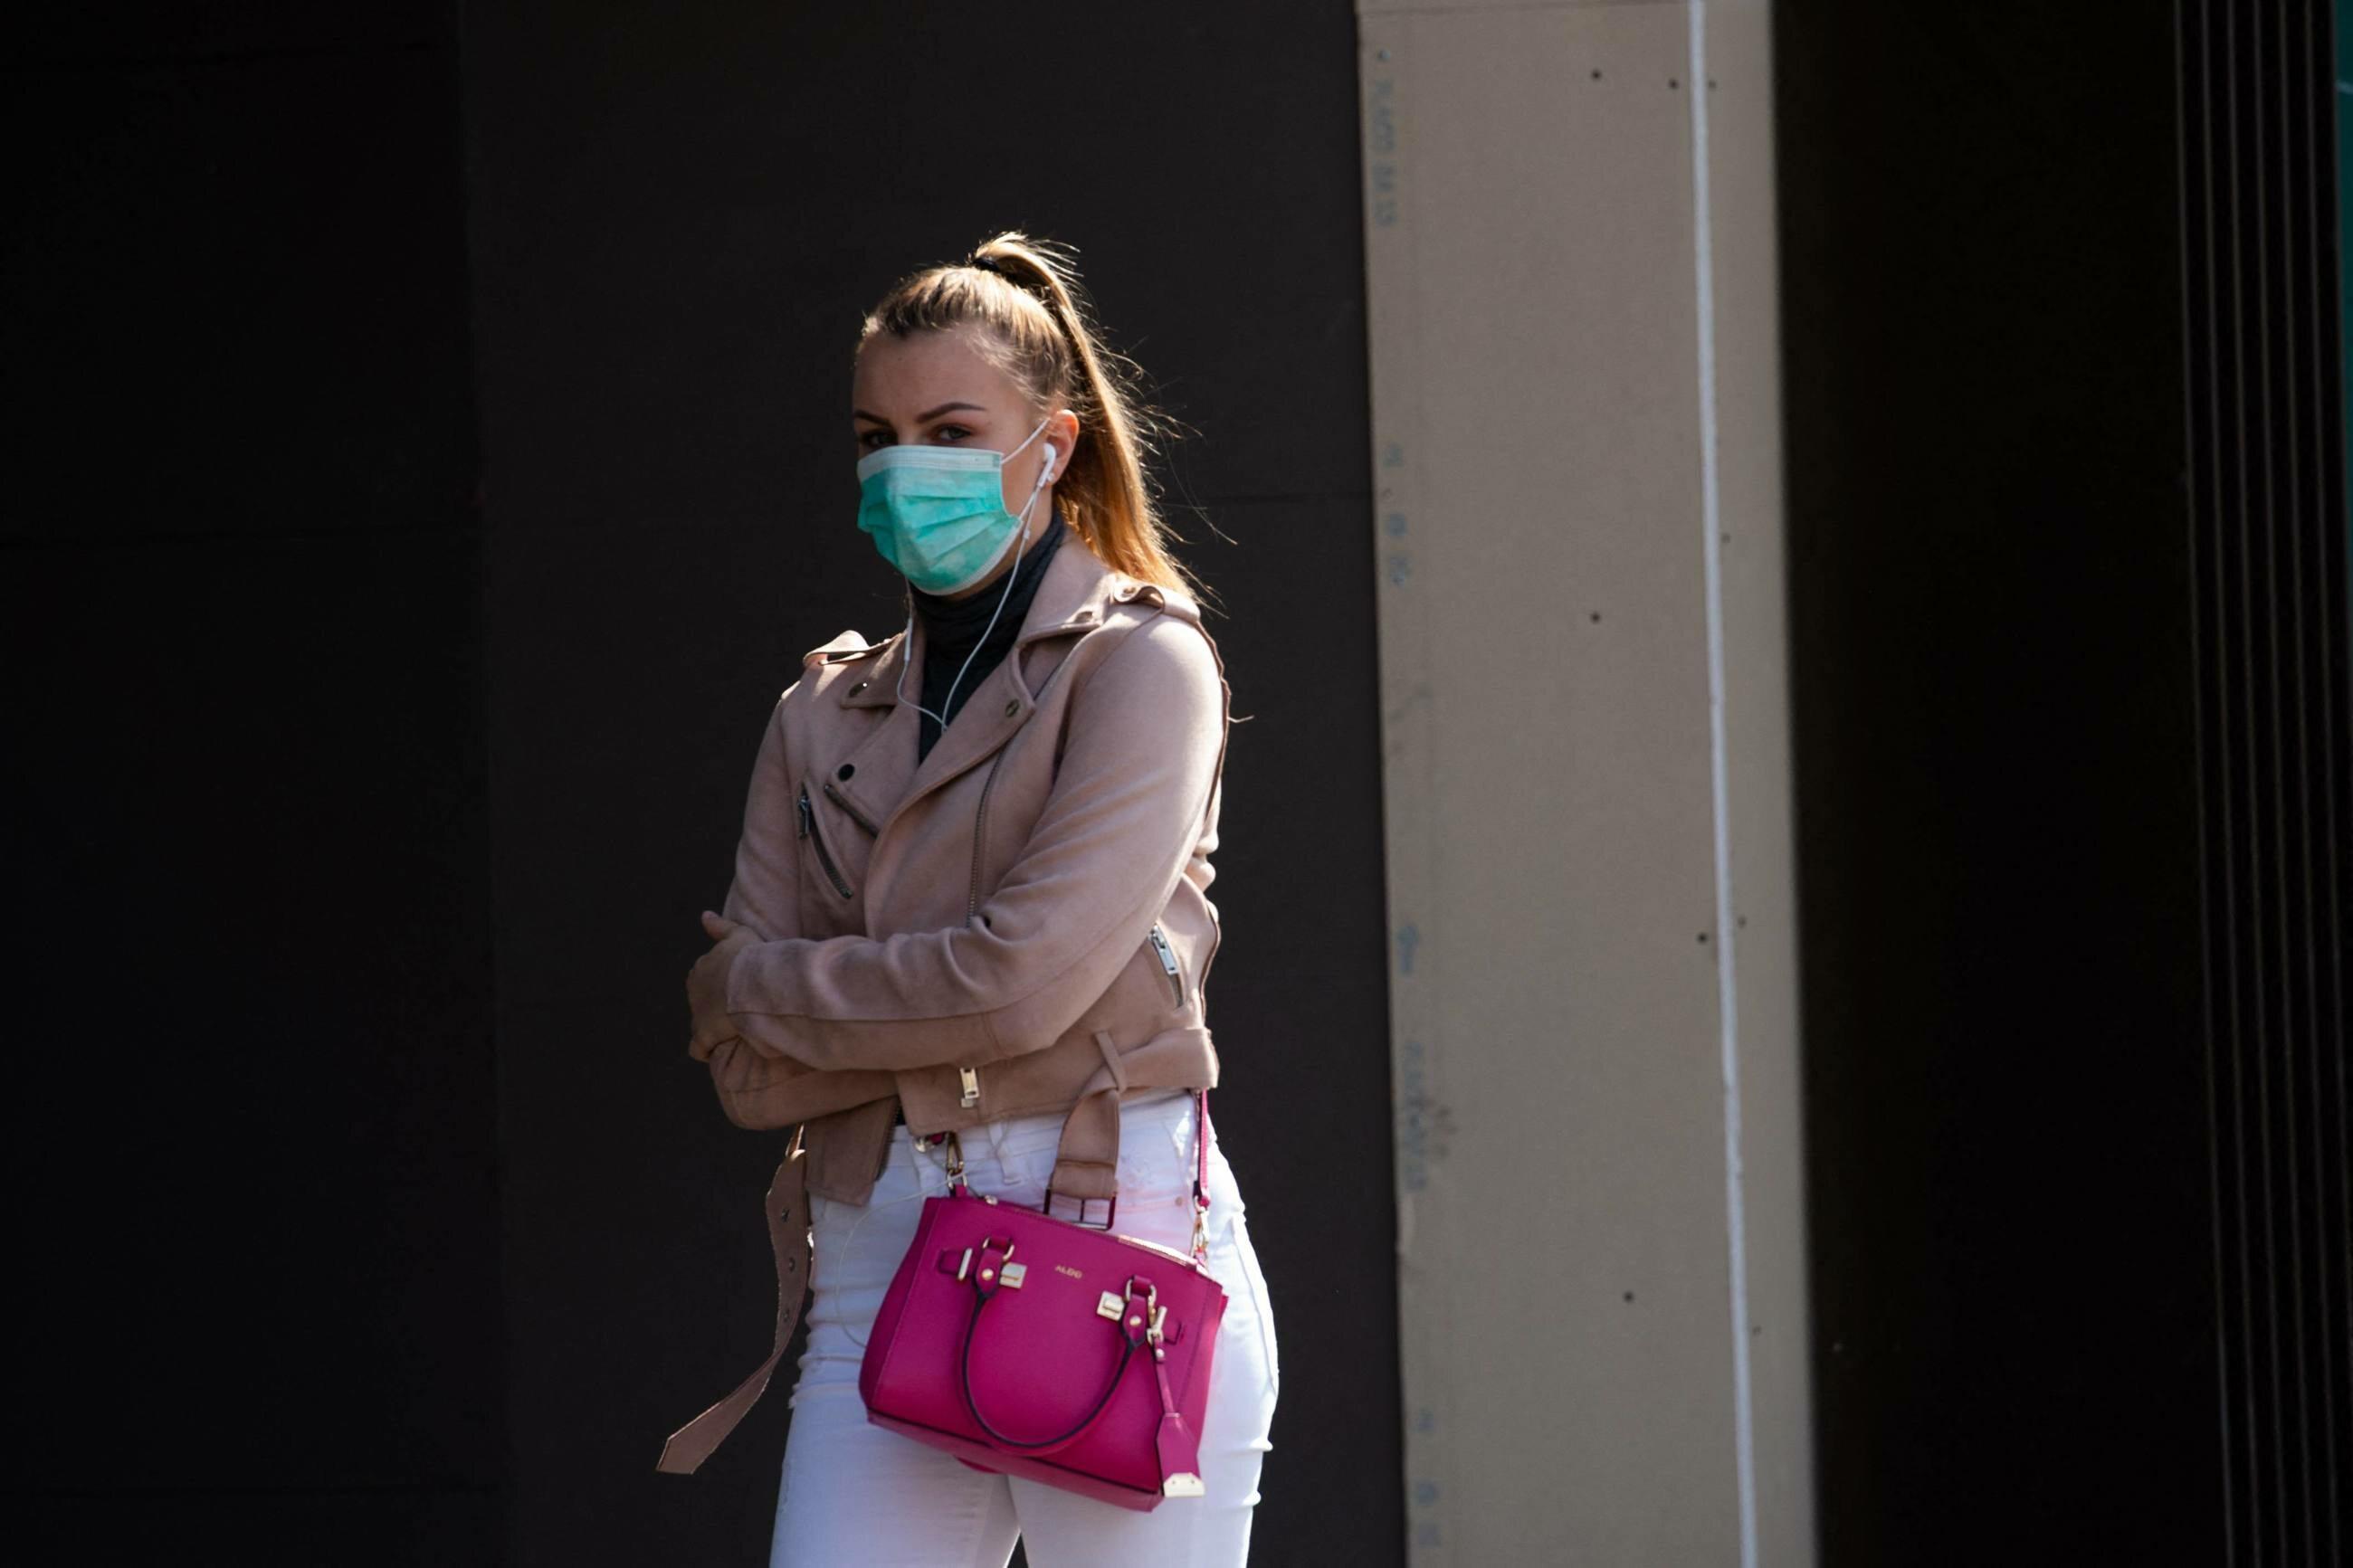 Kobieta w masce chirurgicznej (zdj. ilustracyjne)